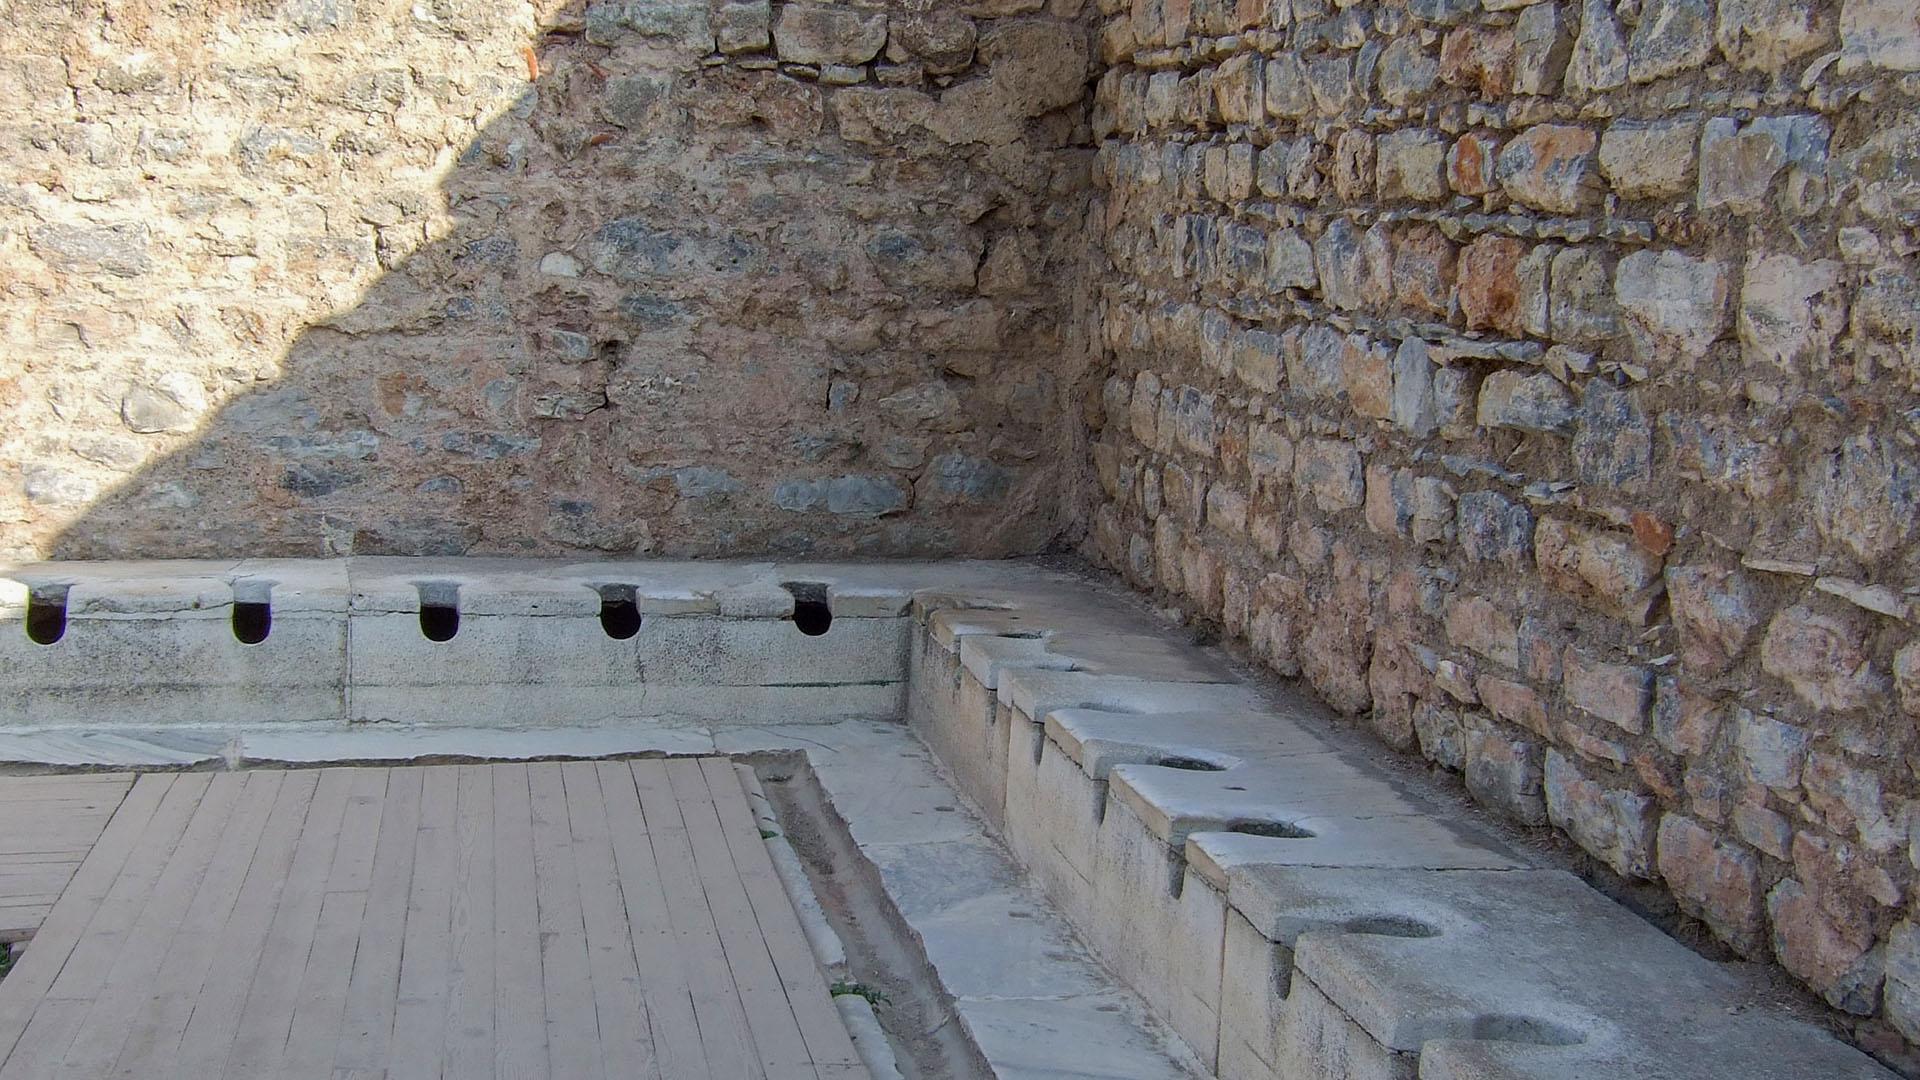 La letrina de Éfeso